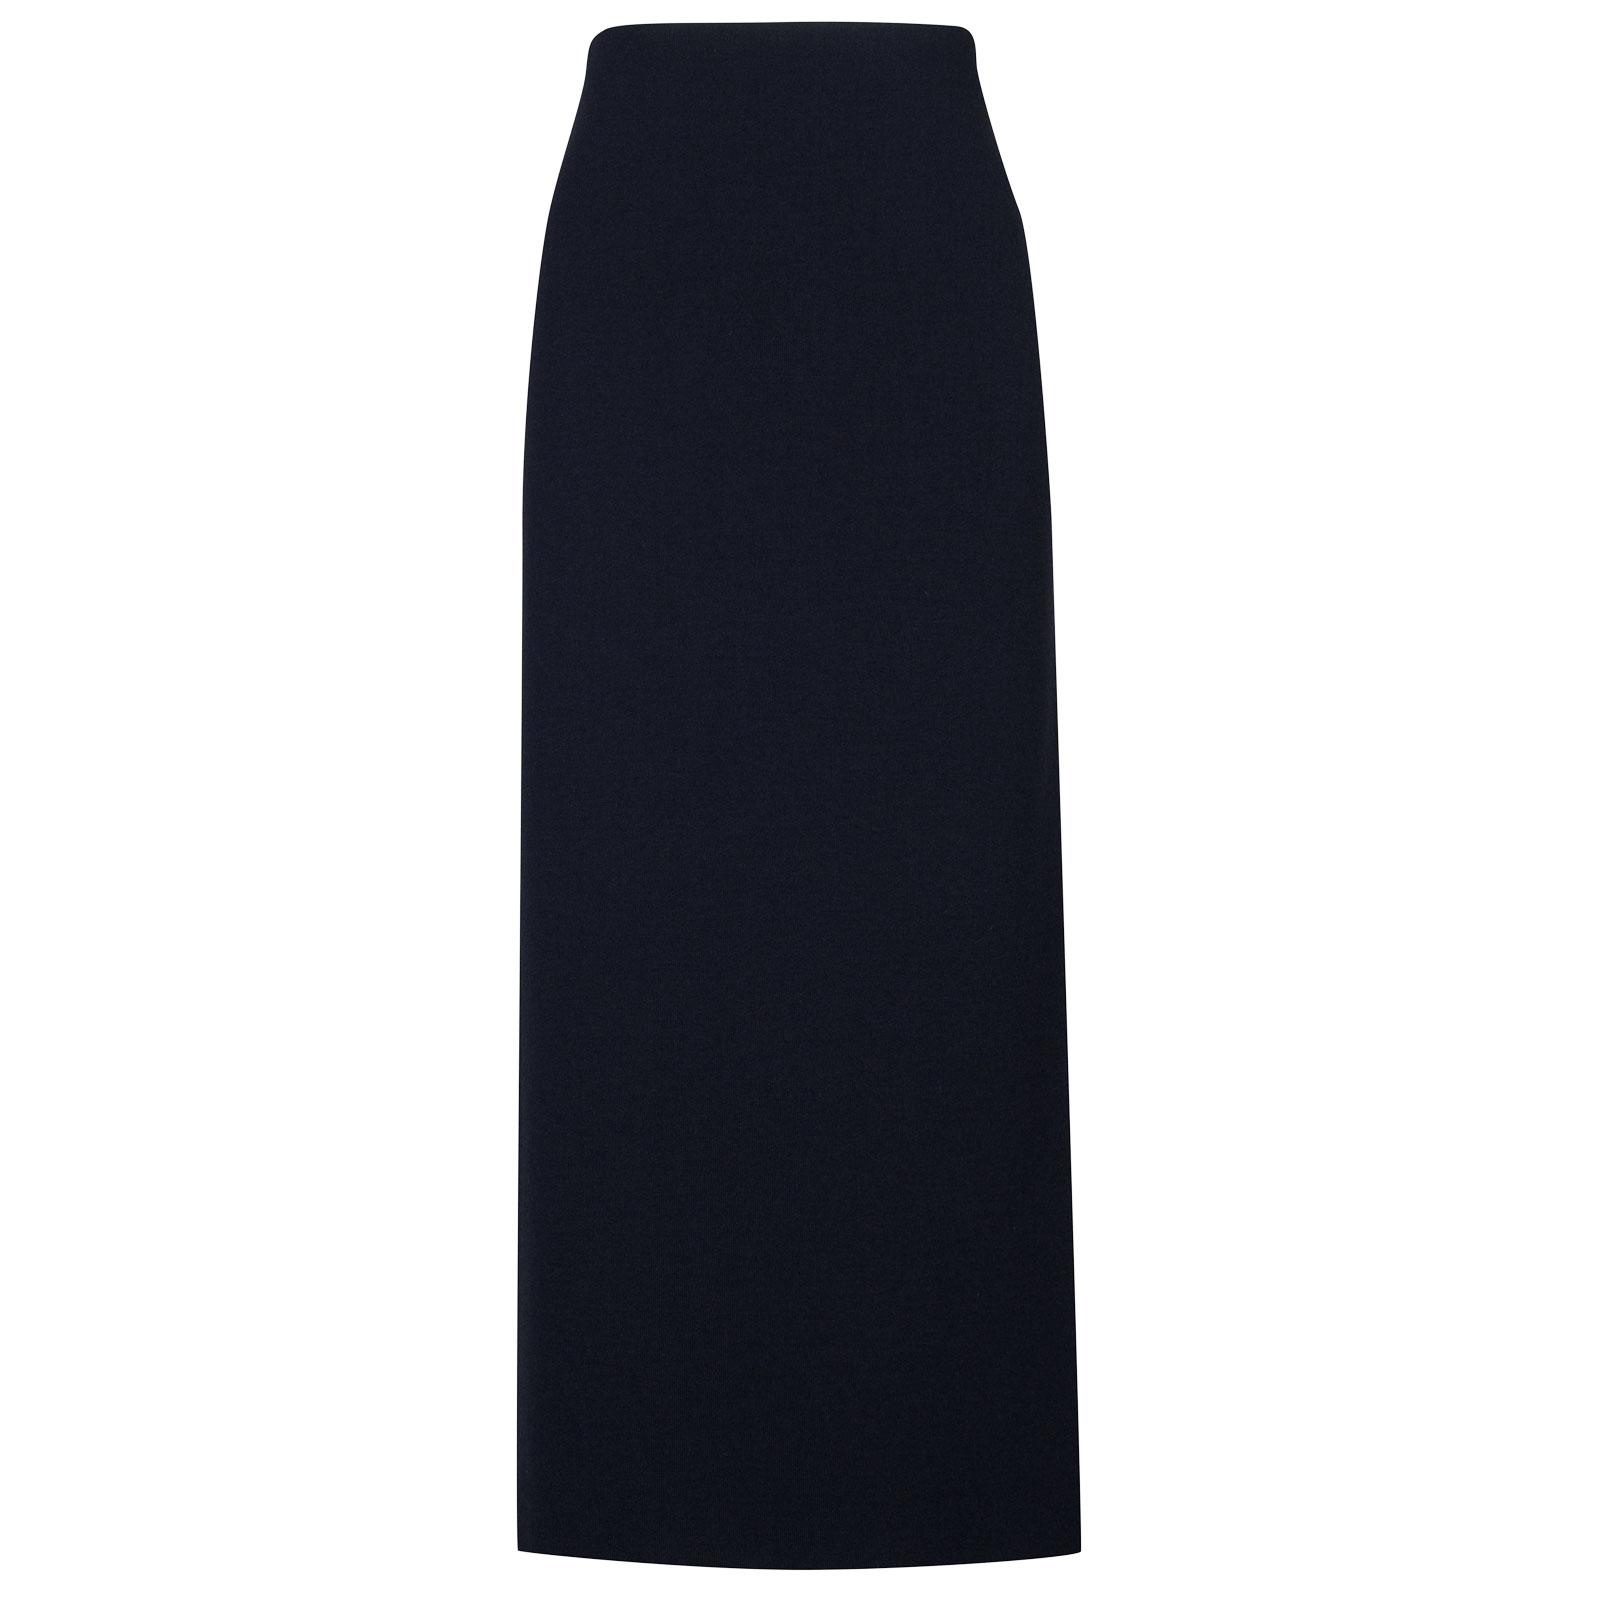 John Smedley moran Merino Wool Skirt in Midnight-M